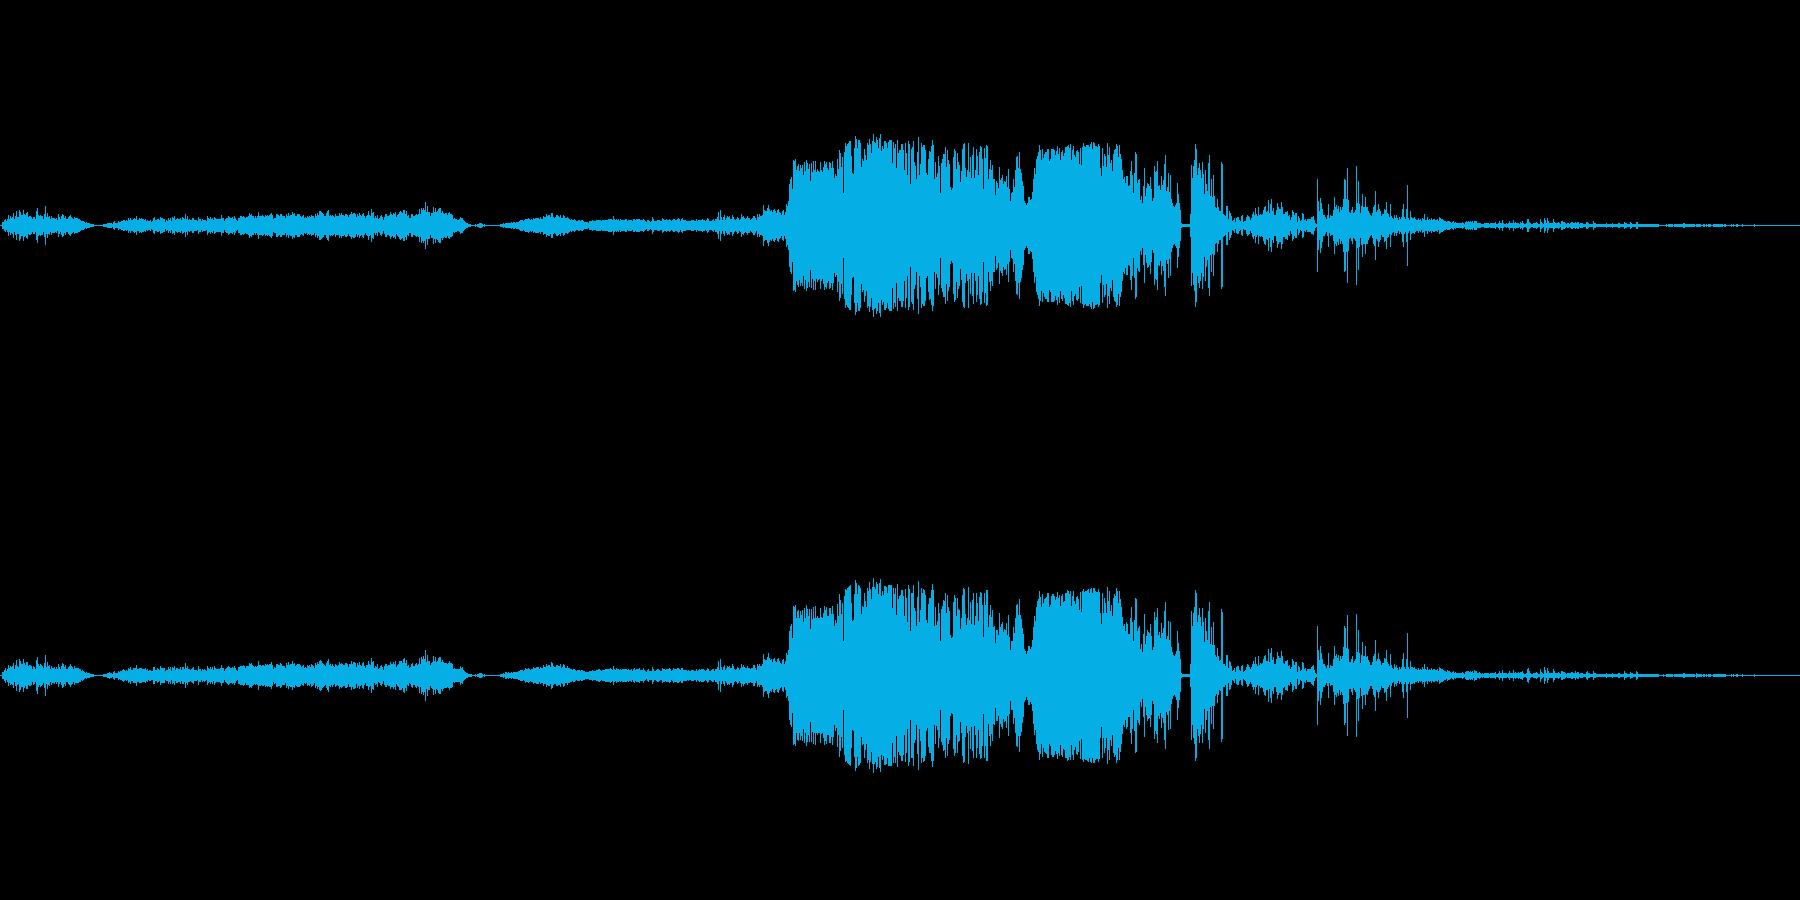 加工されたボーカルスニーズその他の...の再生済みの波形